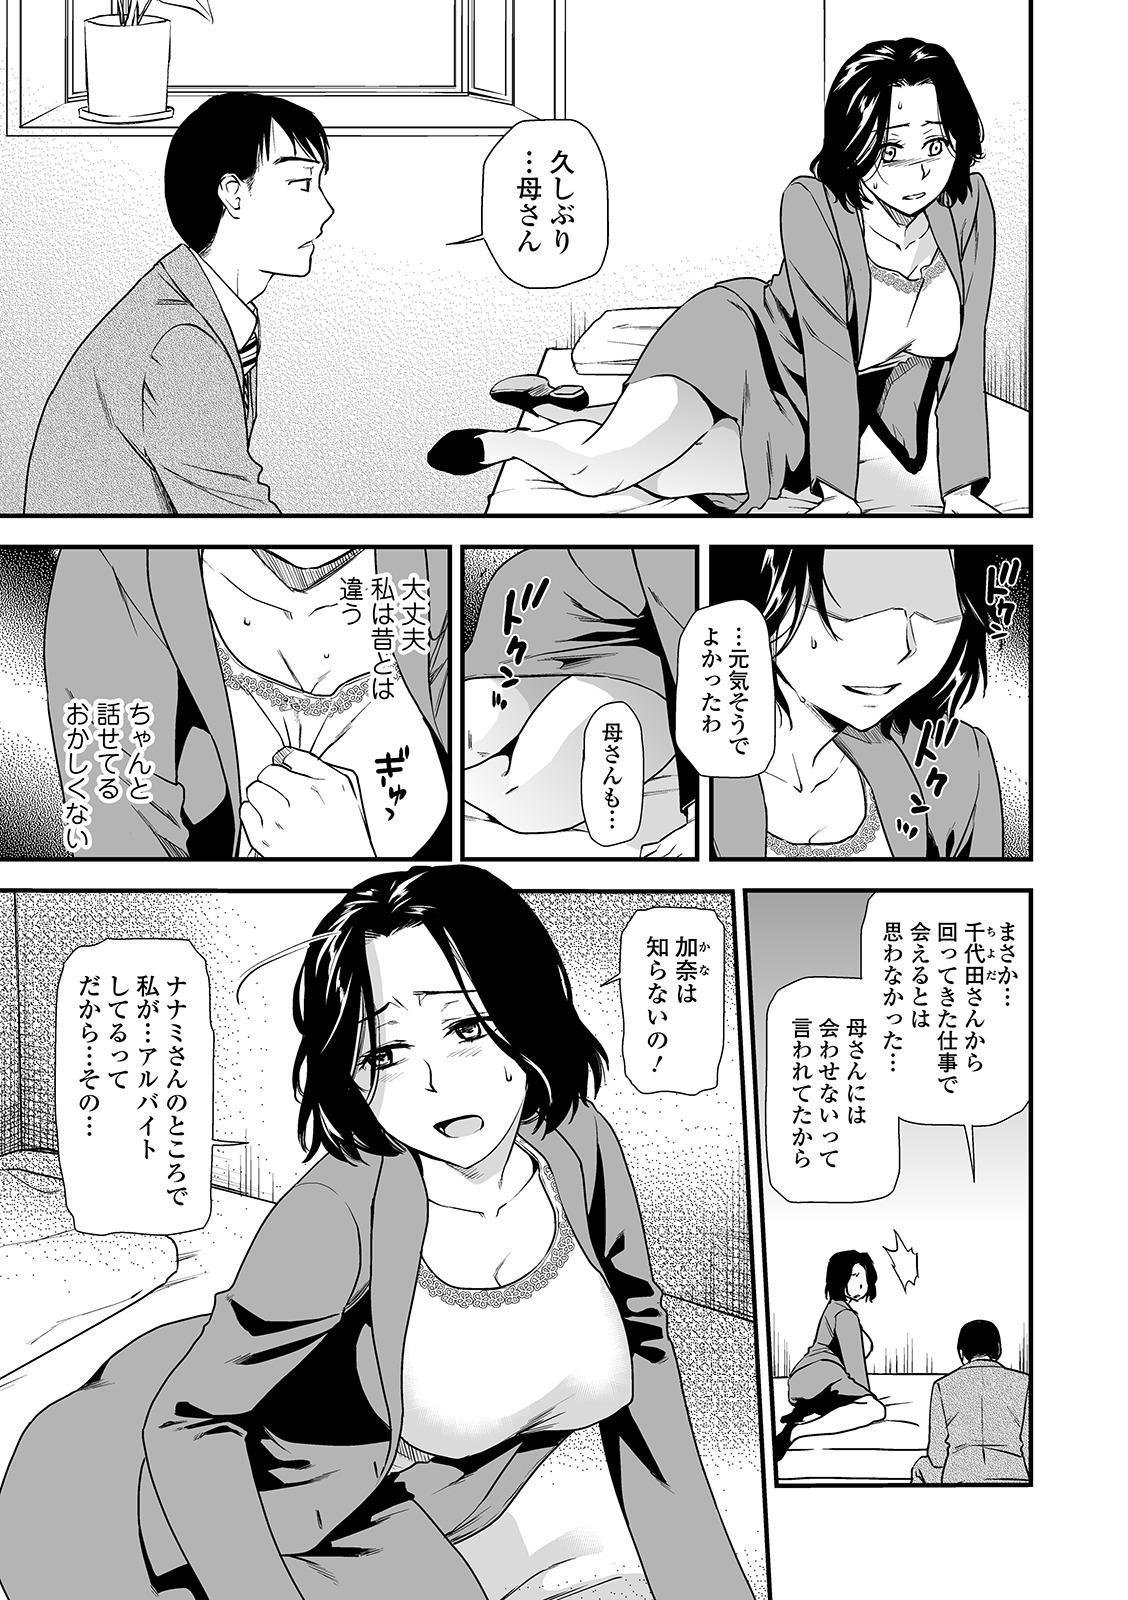 Web Comic Toutetsu Vol. 45 4